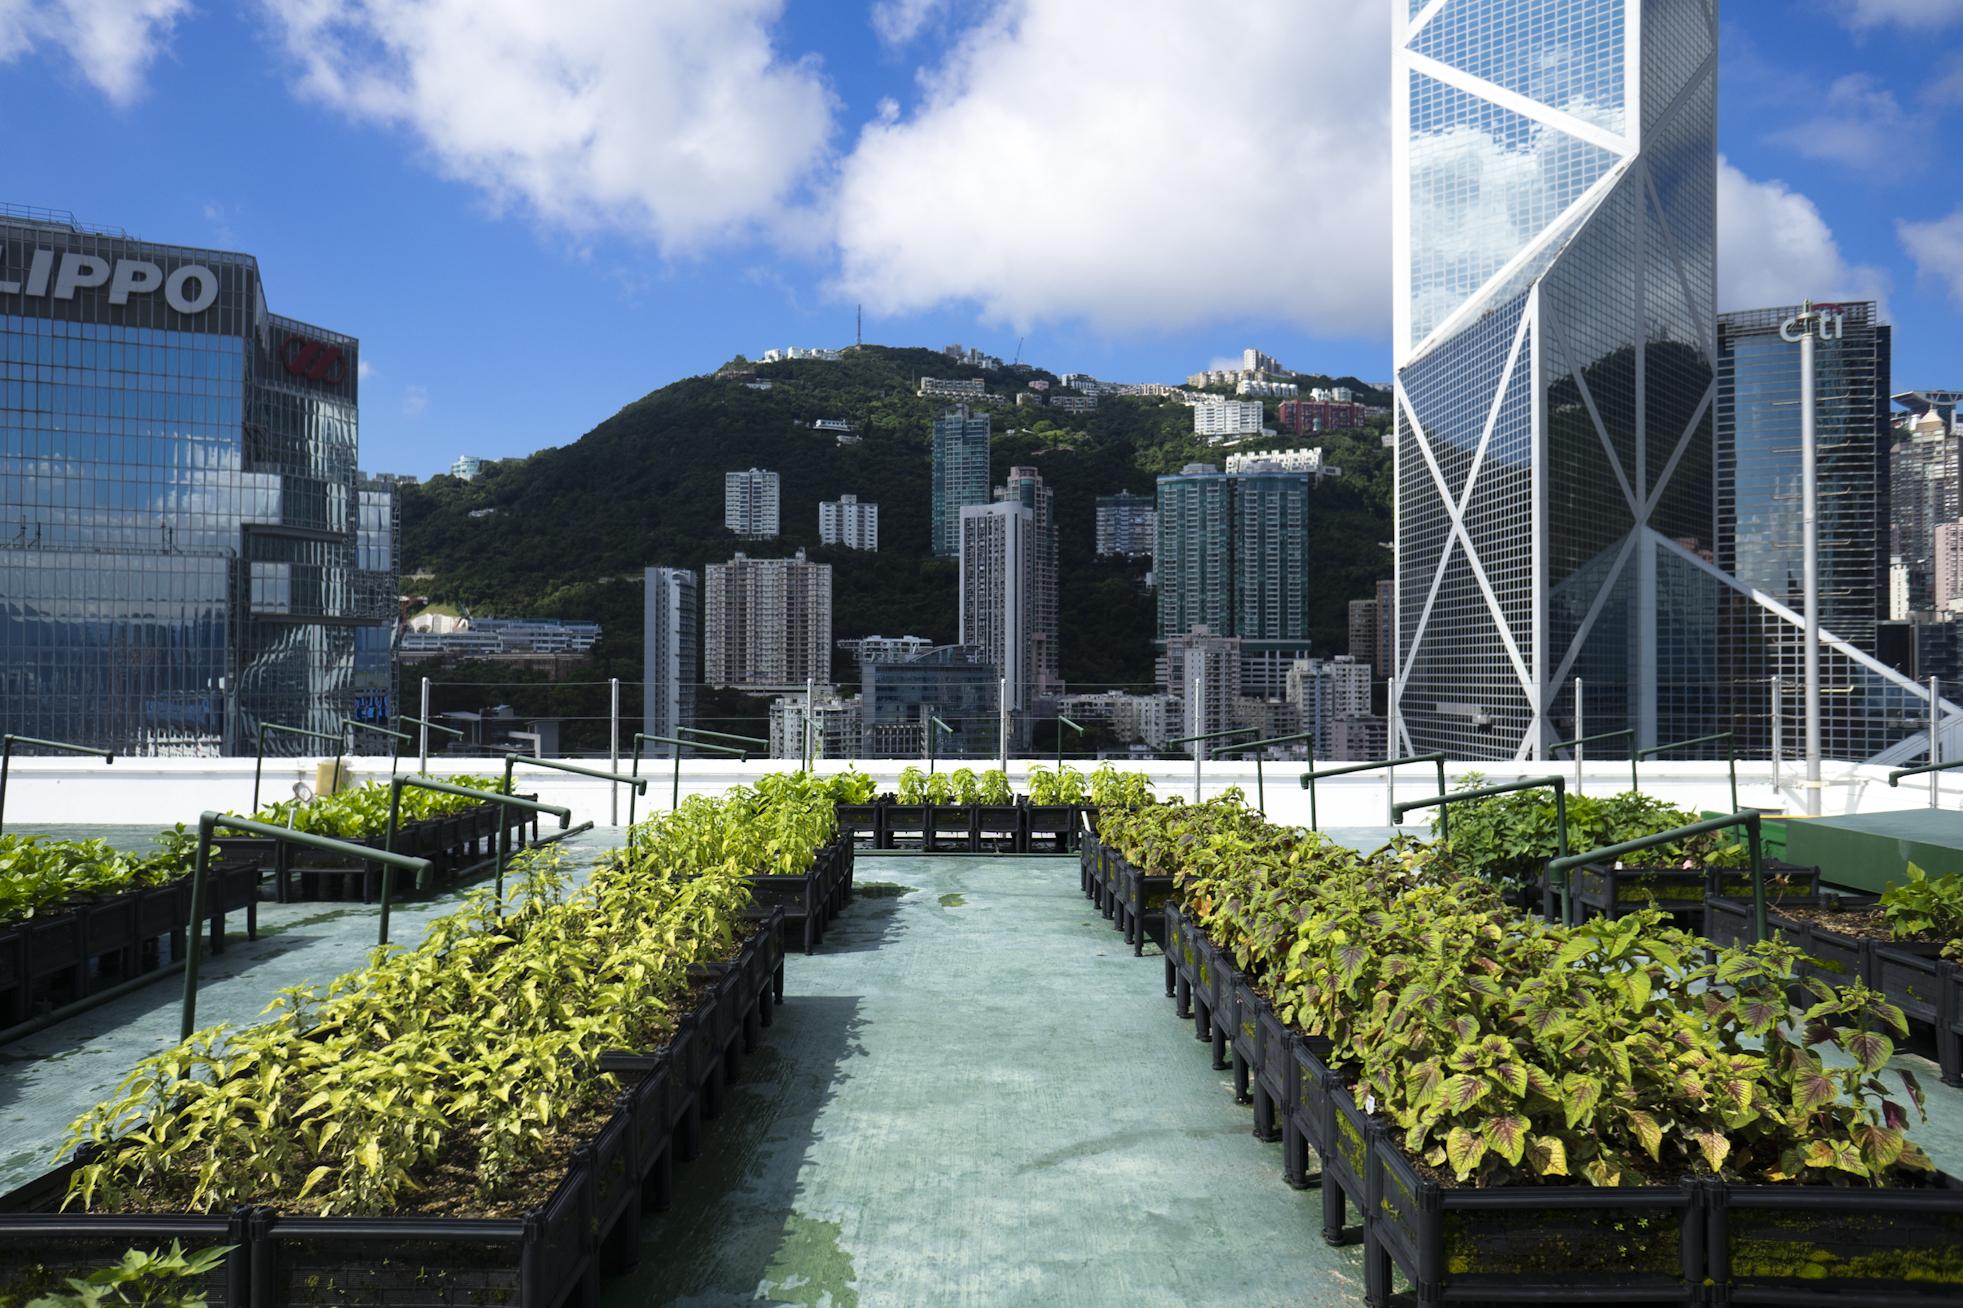 Urban Farm & Feast Hong Kong